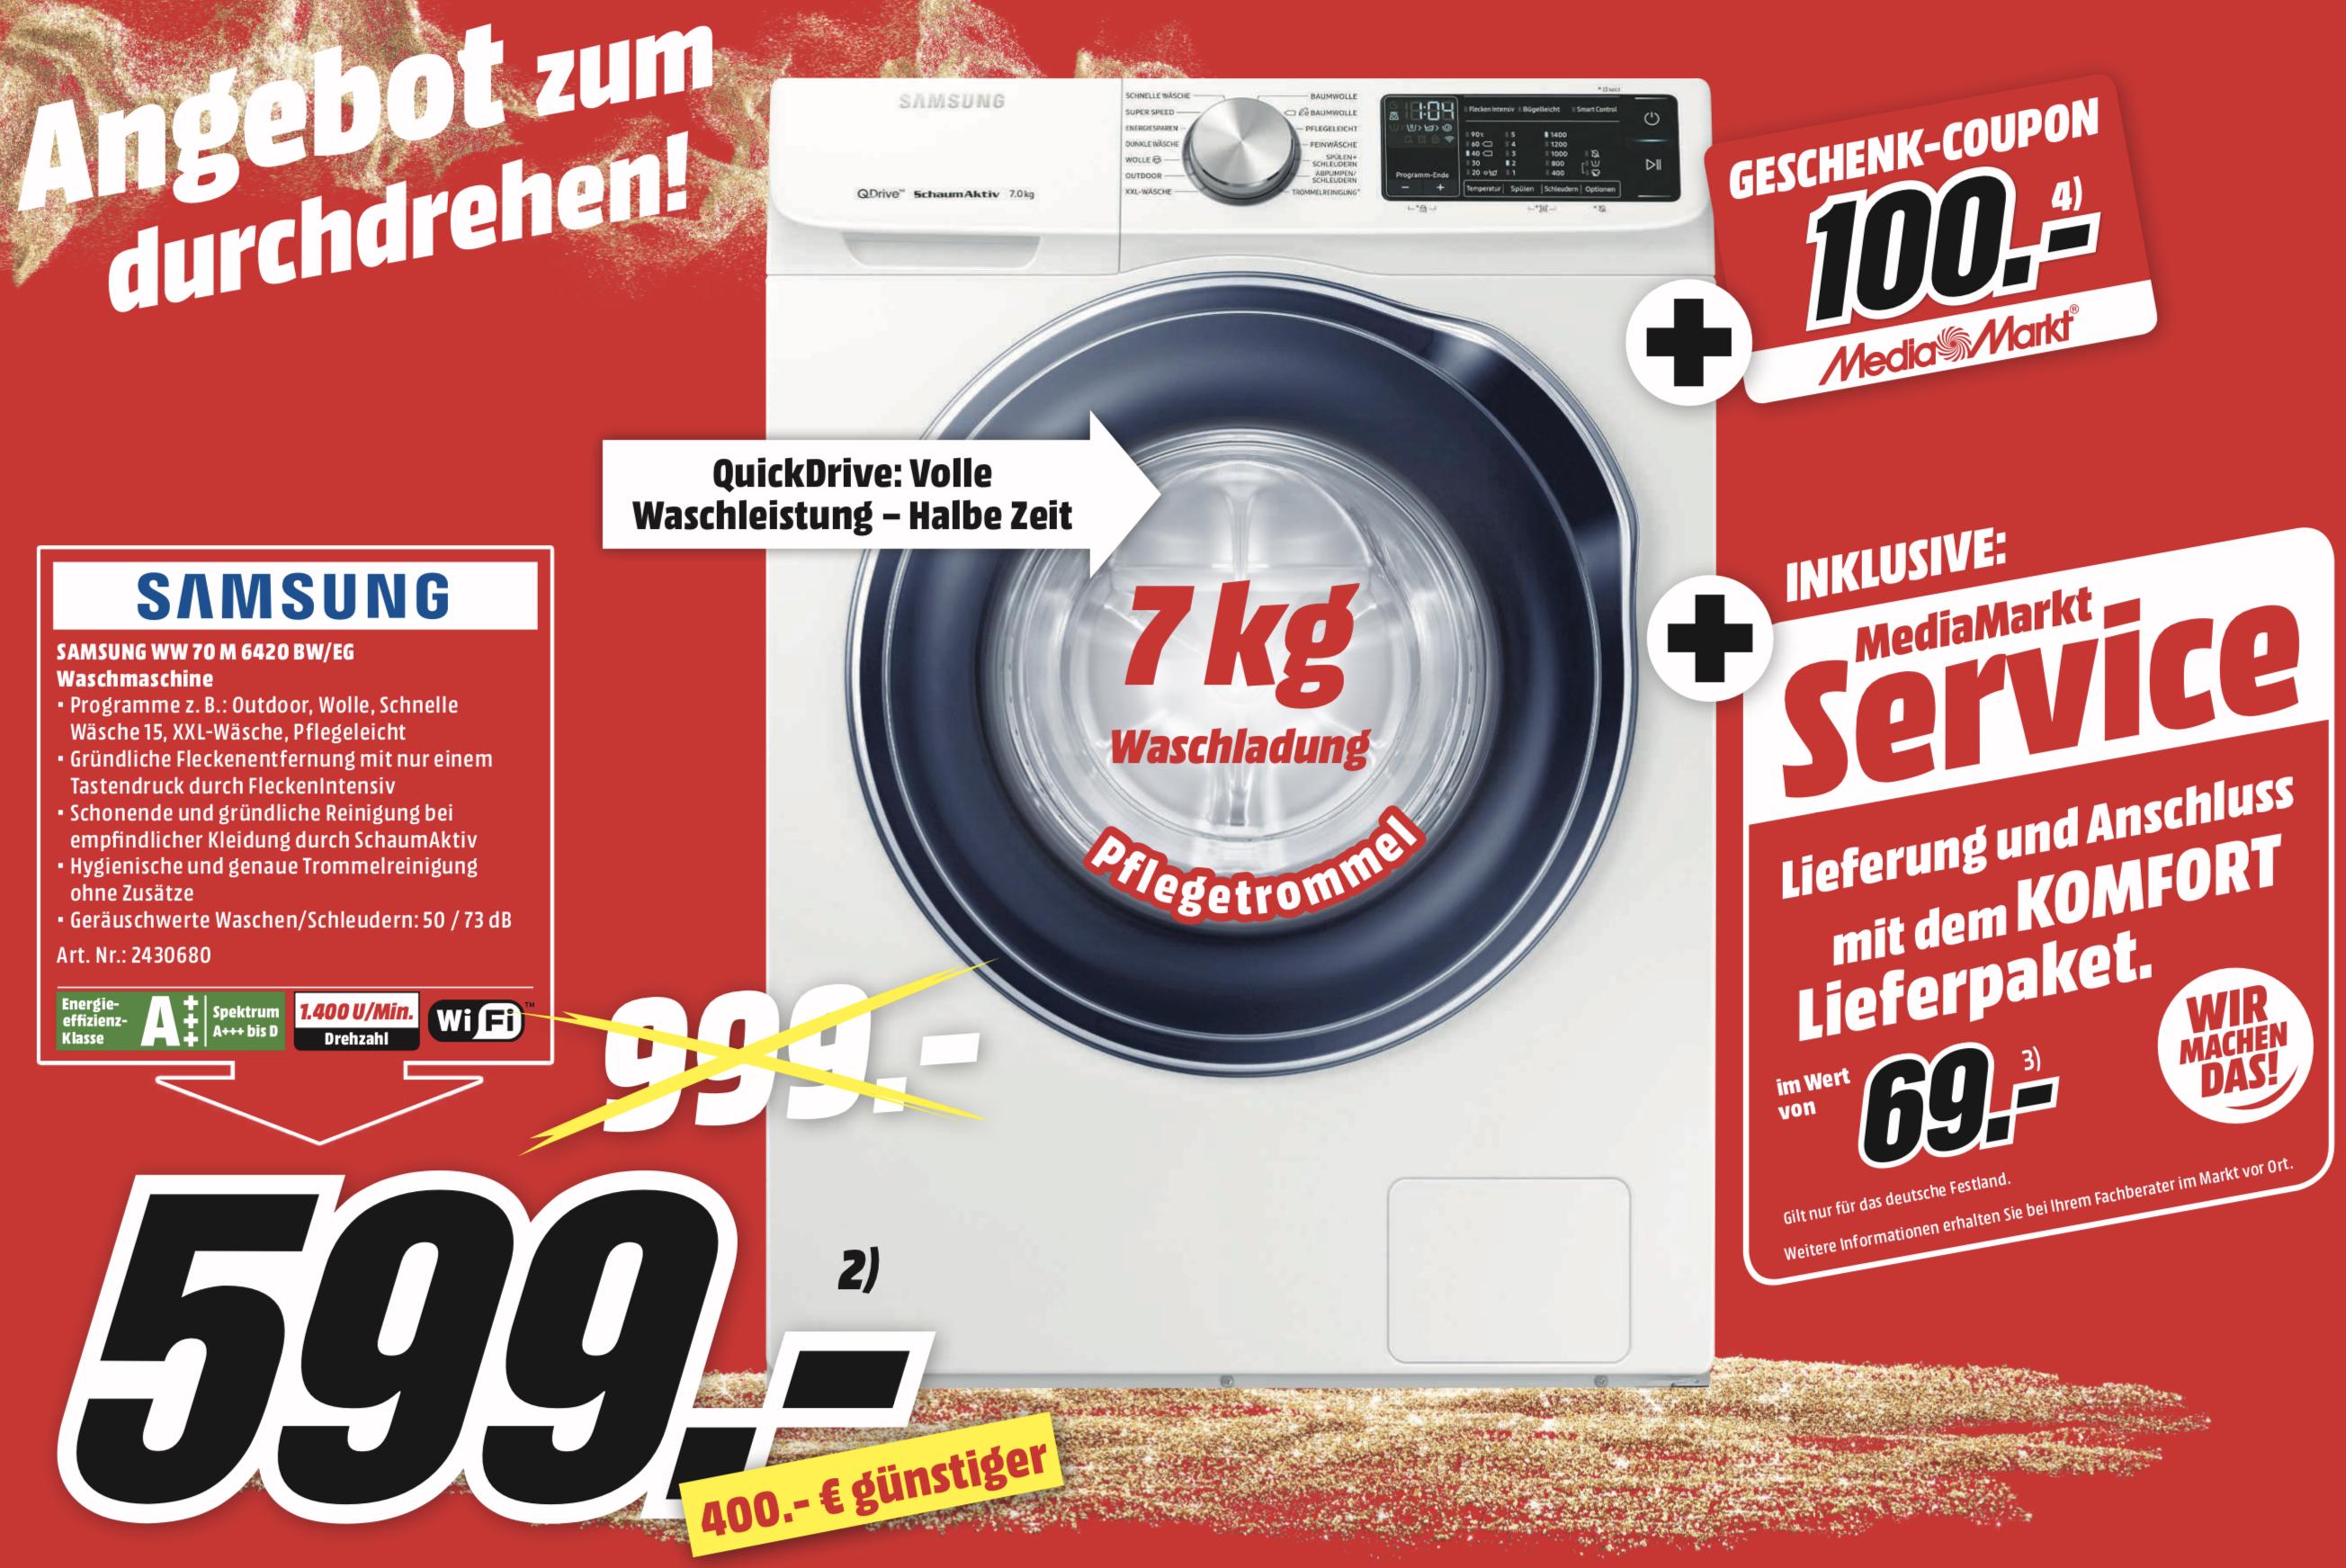 SAMSUNG QuickDrive WW70M642OBW/EG Waschmaschine 7kg A+++ plus Komfort-Lieferung plus 100€ Geschenk-Coupon für 599€ [Lokal Hamburg, Rostock]